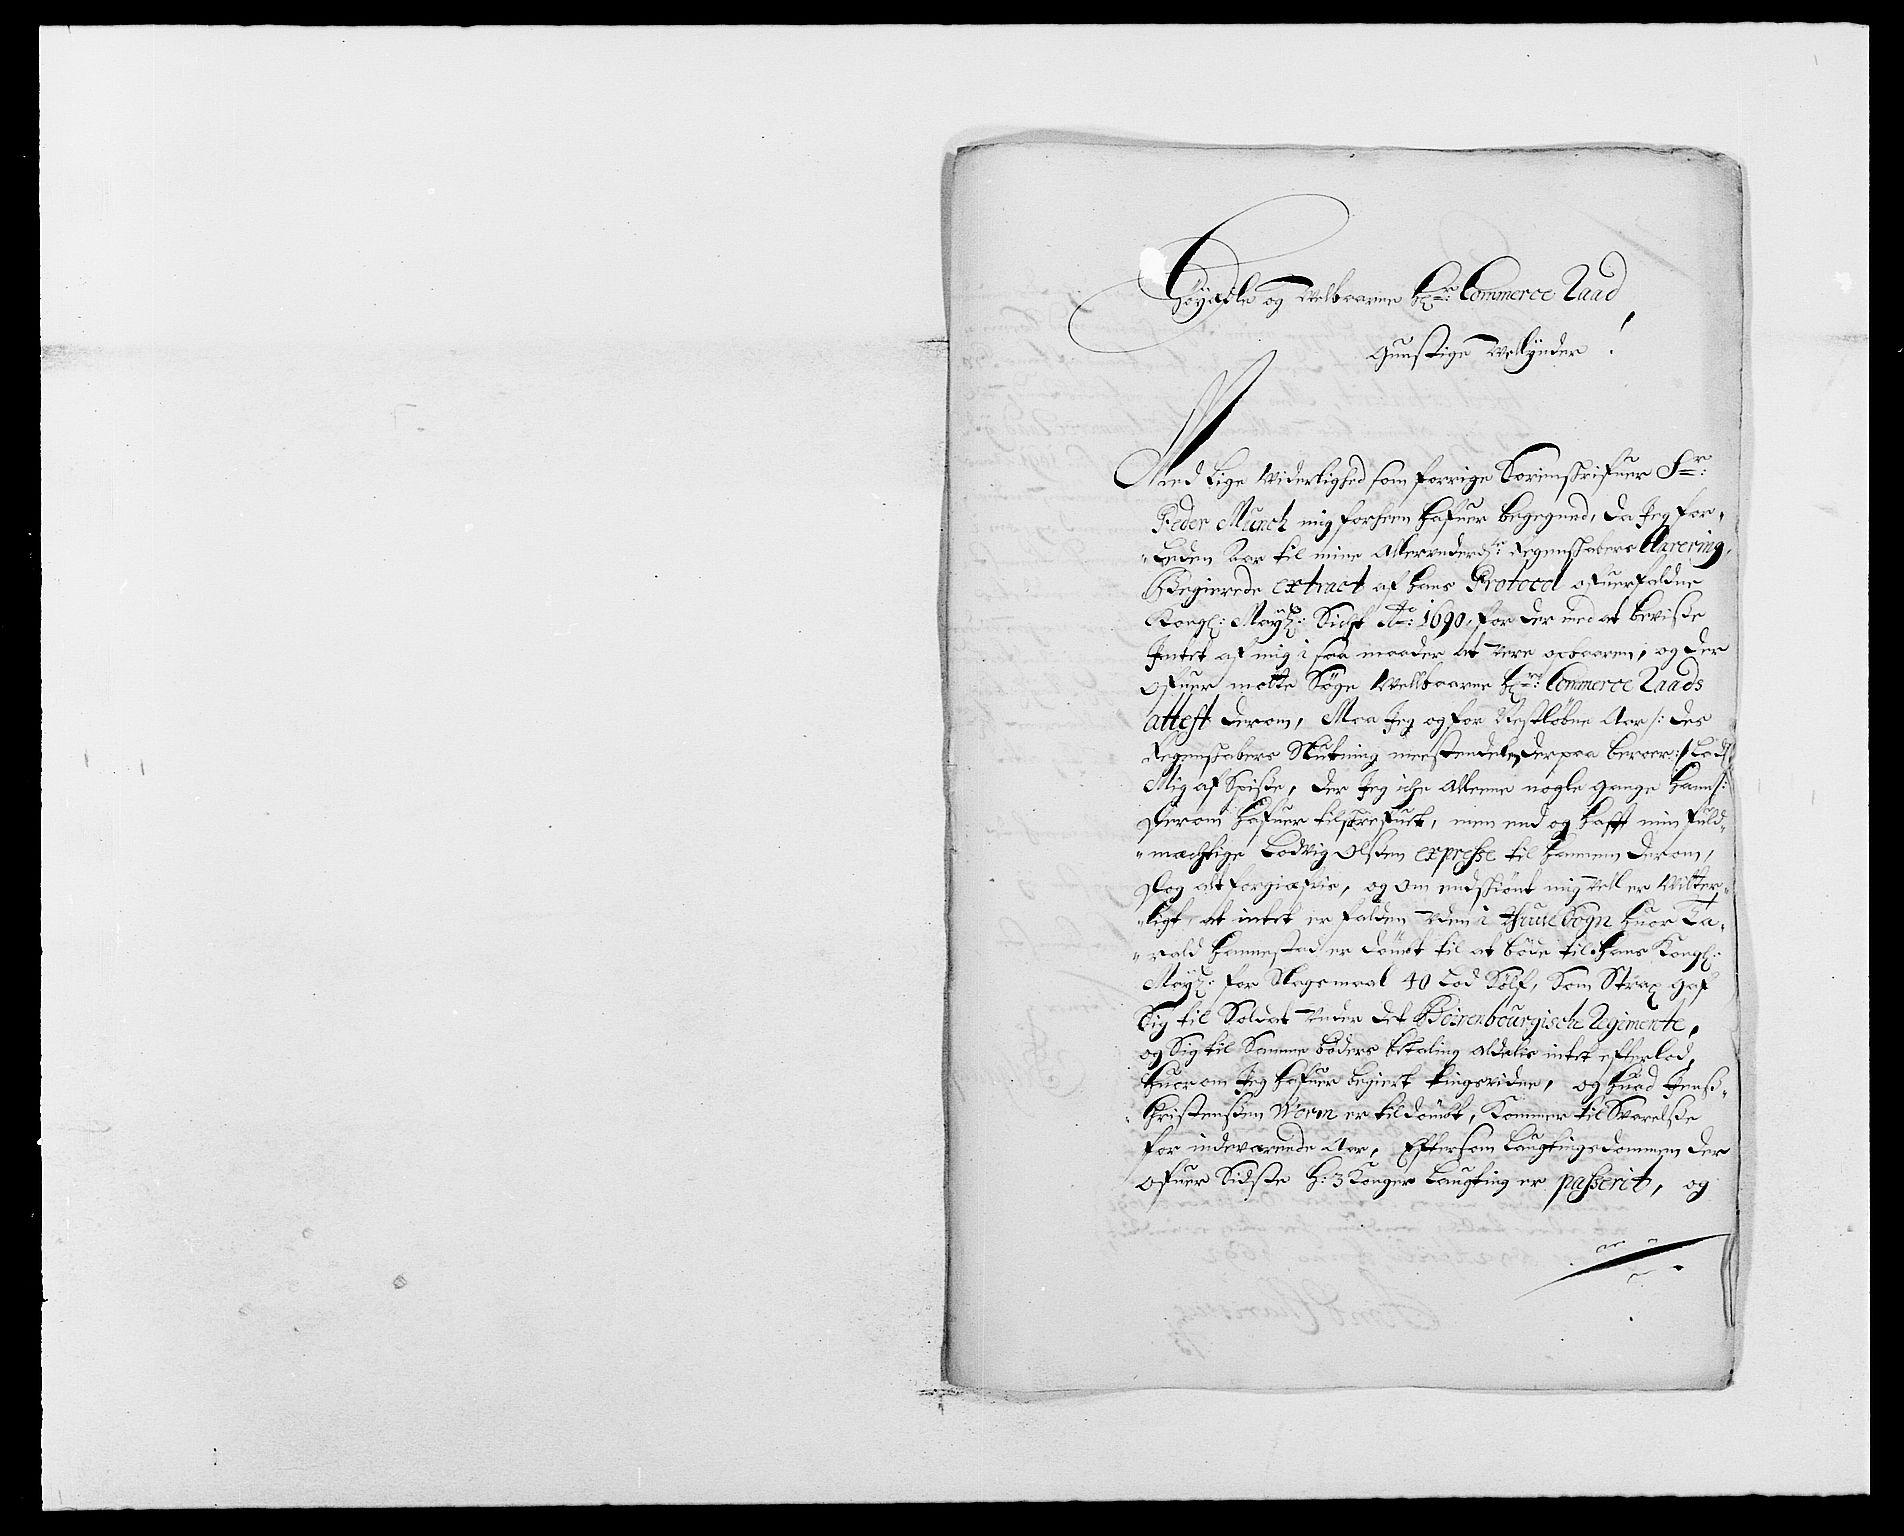 RA, Rentekammeret inntil 1814, Reviderte regnskaper, Fogderegnskap, R03/L0119: Fogderegnskap Onsøy, Tune, Veme og Åbygge fogderi, 1690-1691, s. 284